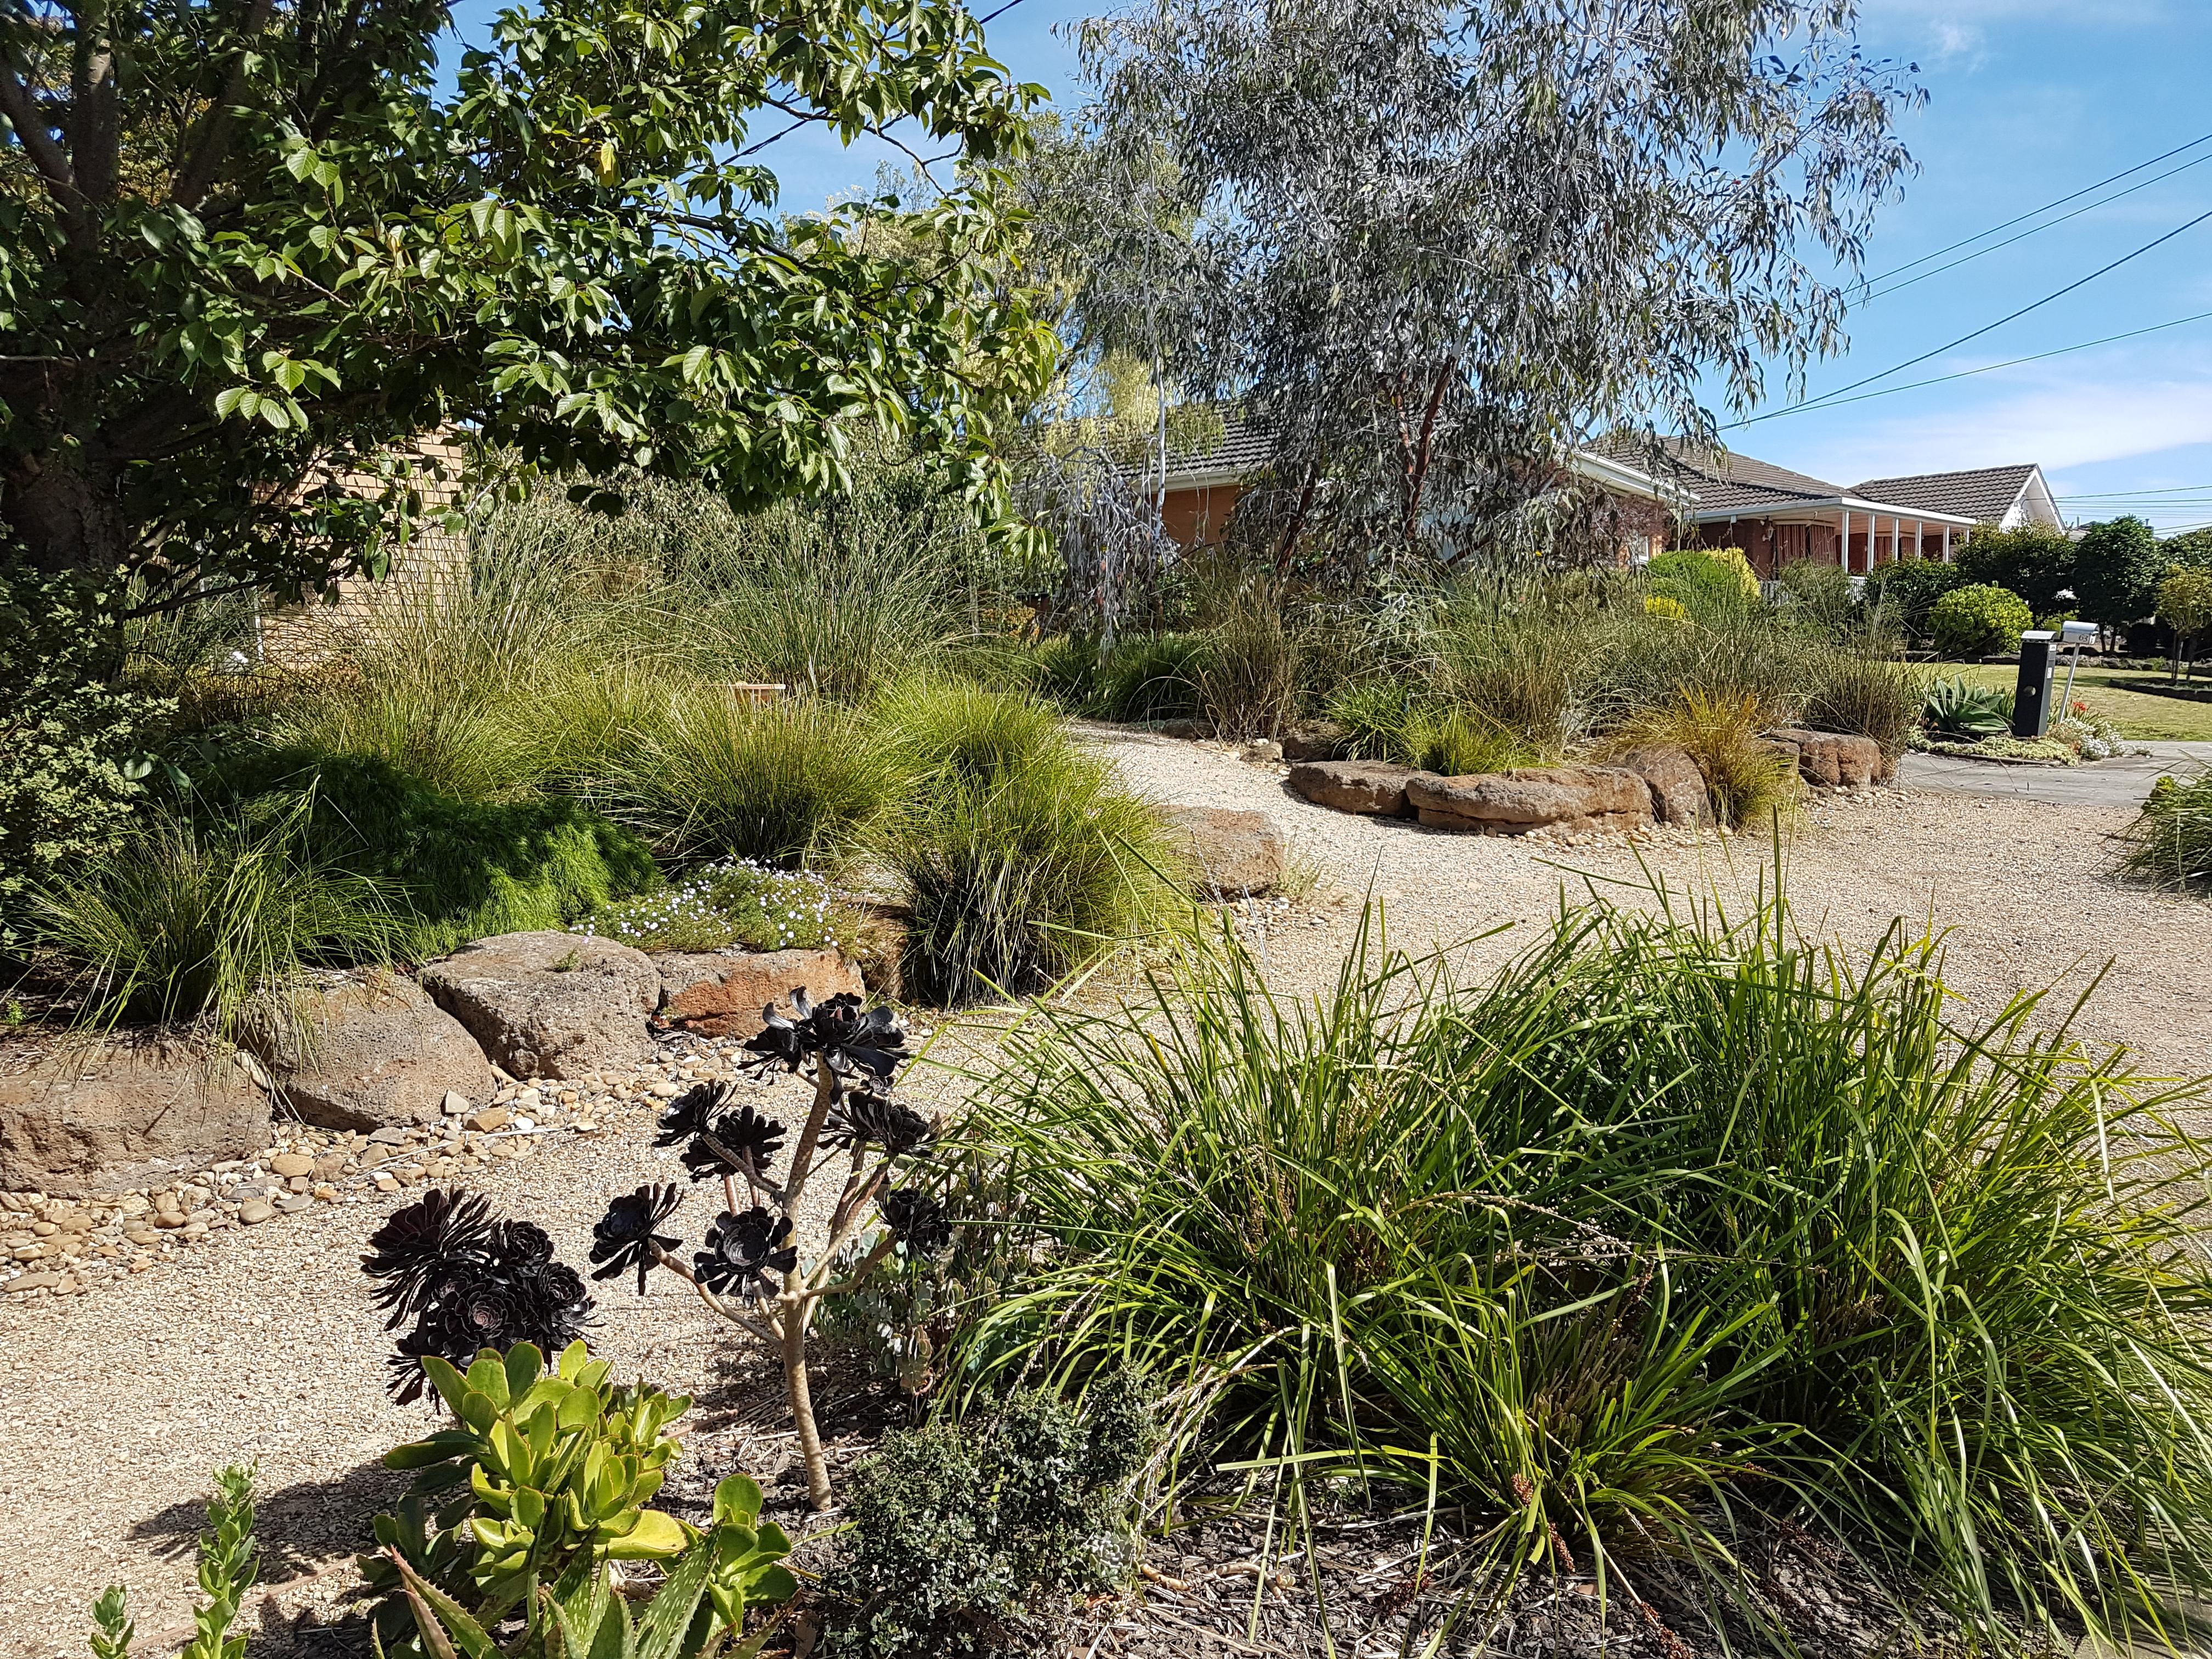 Plant growth, native grasses, drought tolerant garden, garden for birds